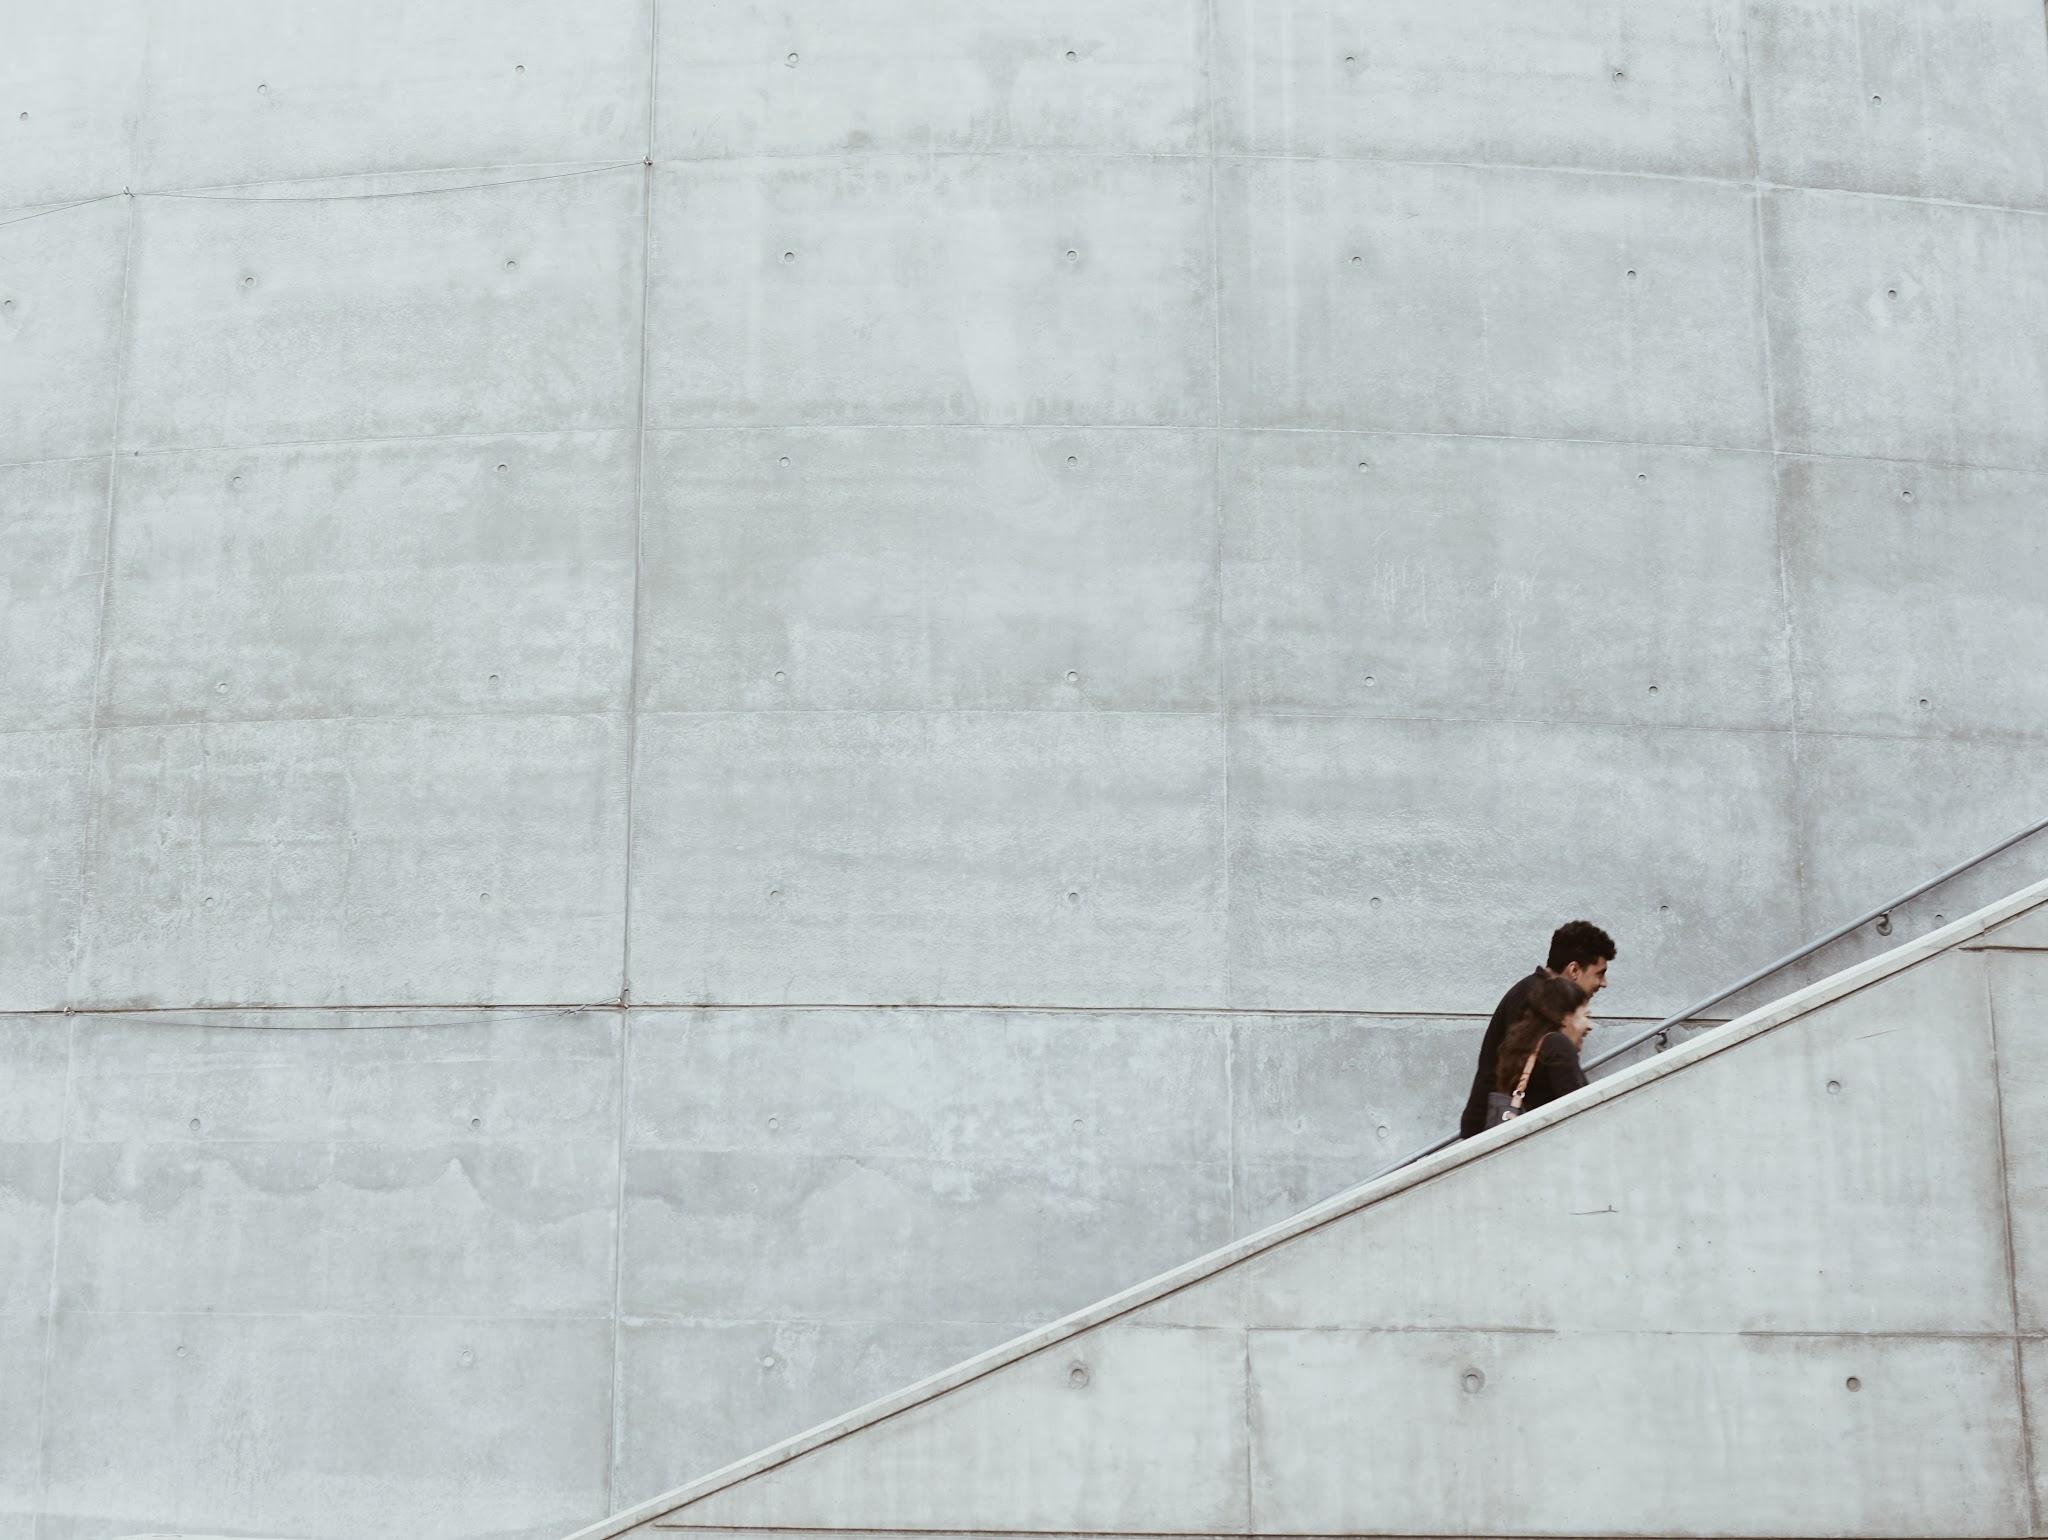 abdz photo challenge: #abdz_minimalism